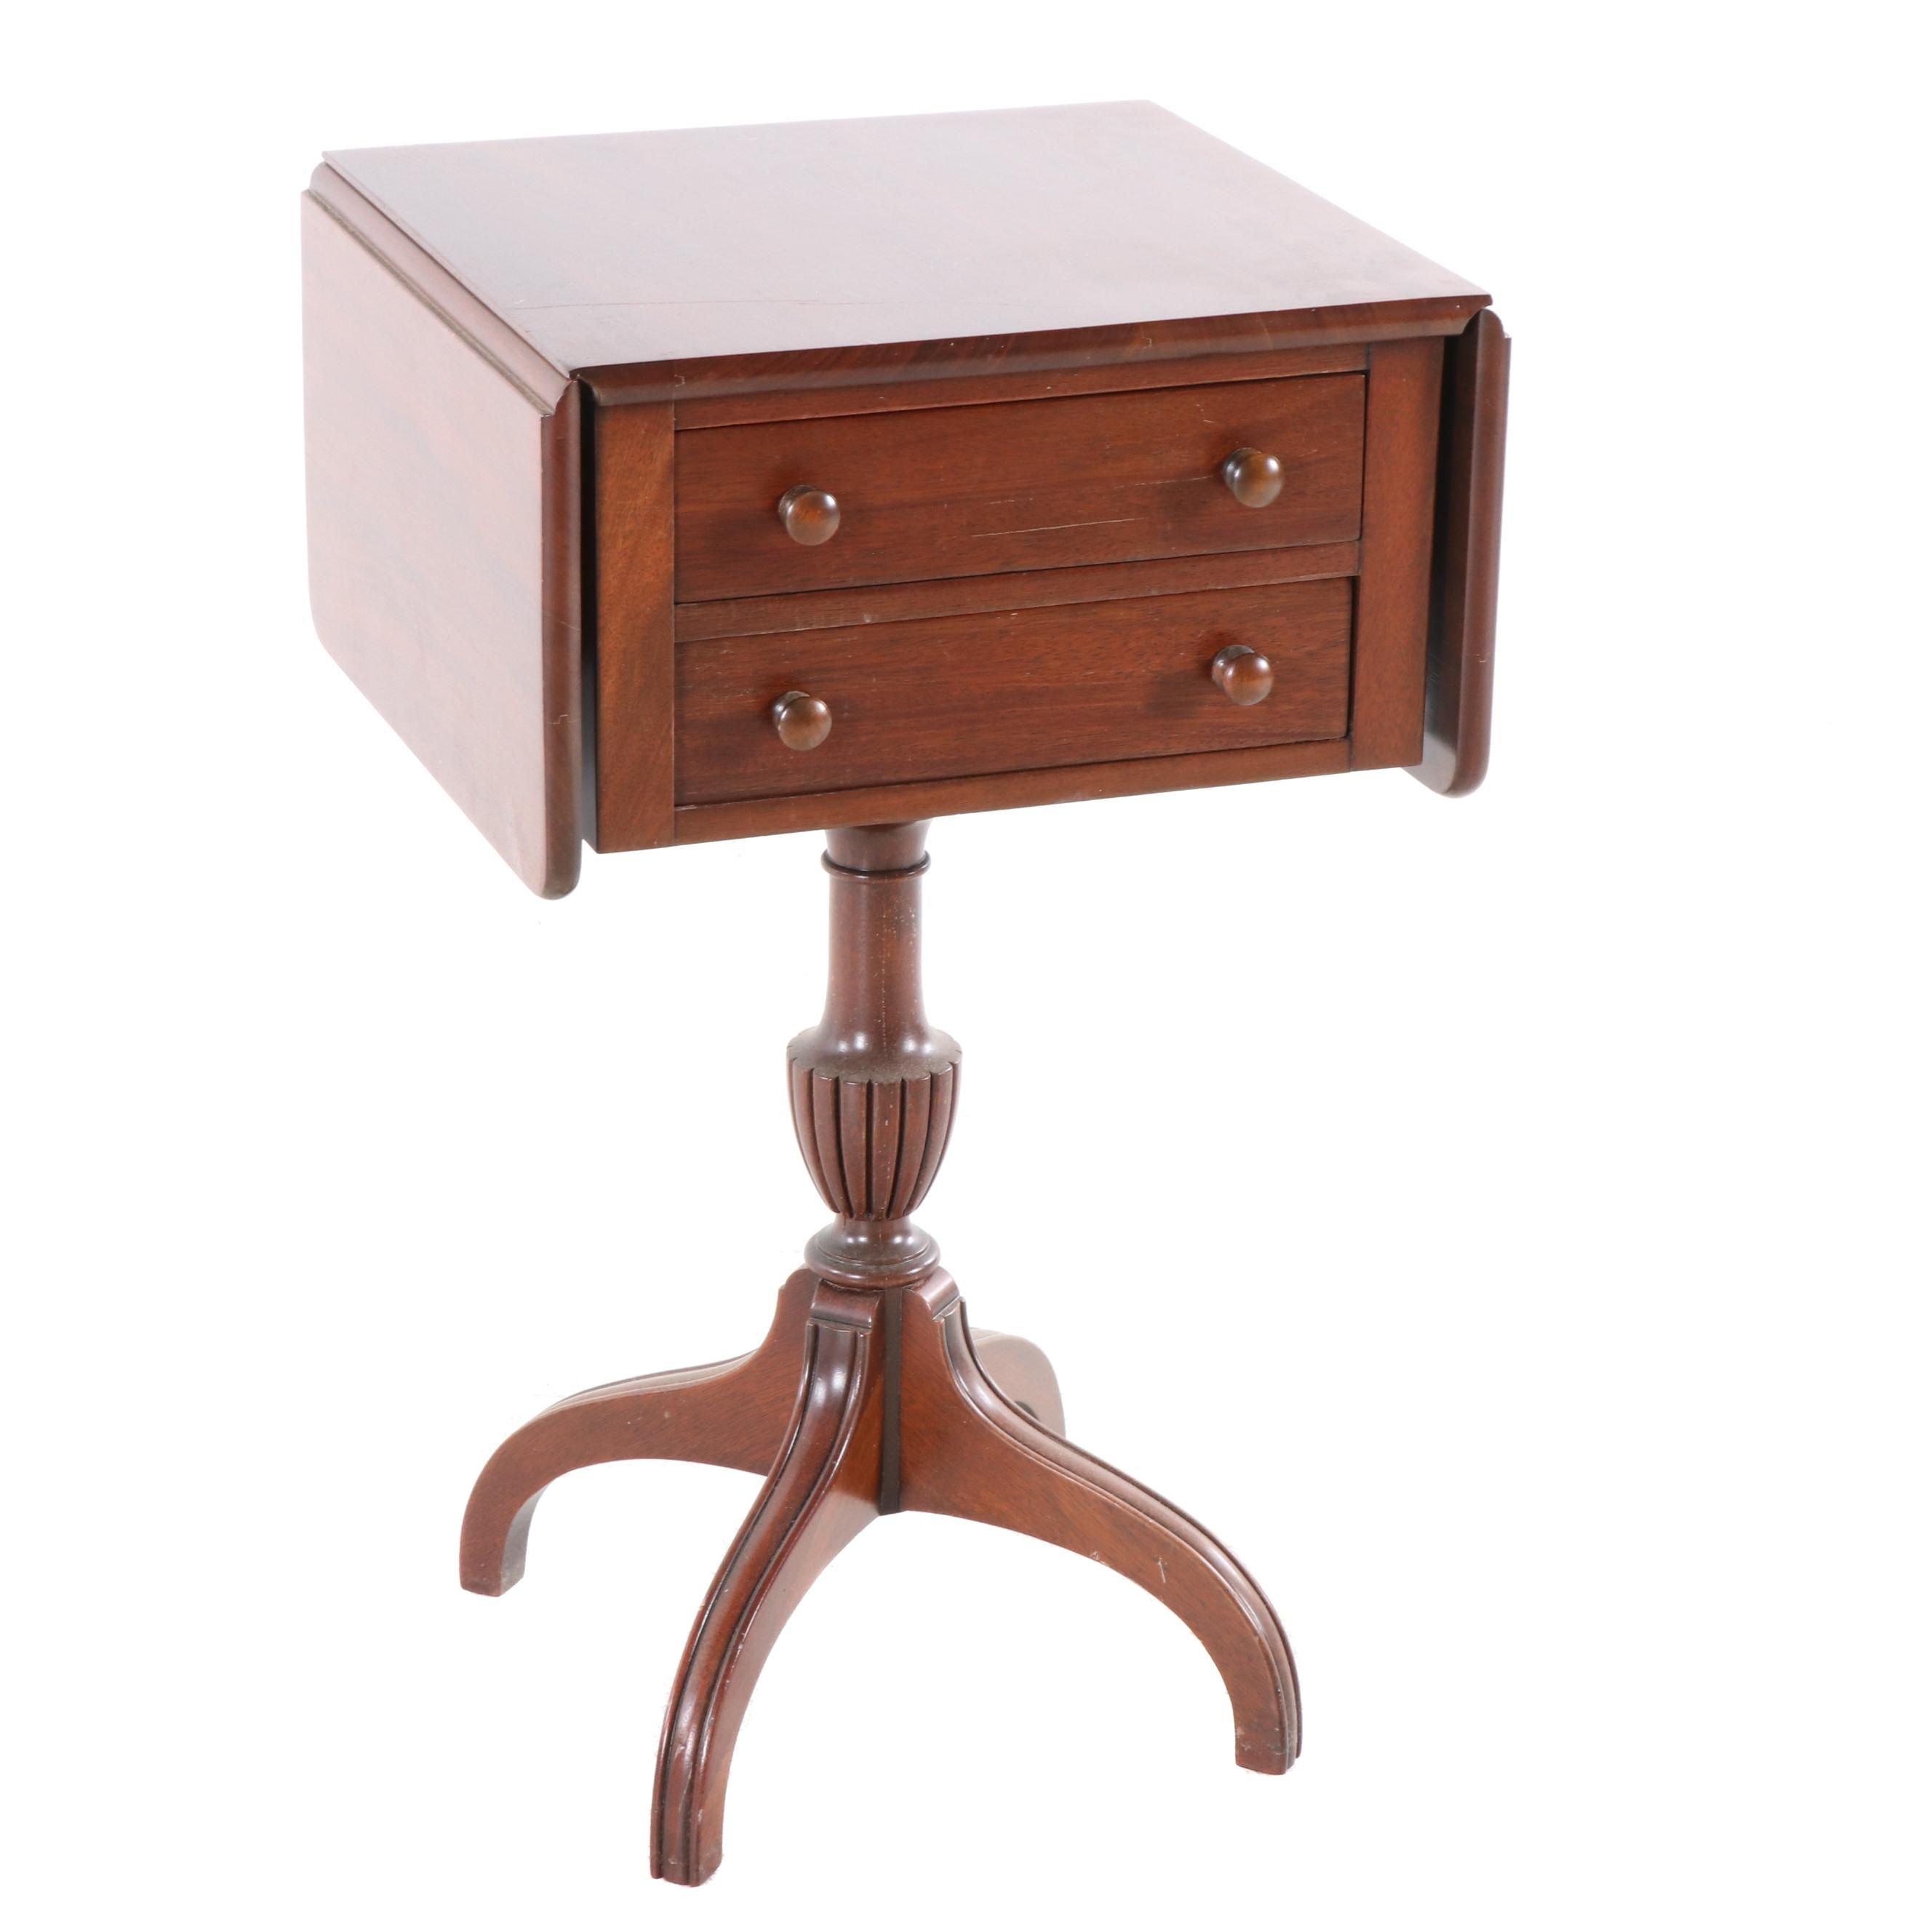 Mahogany Smoking Table, Early 20th Century